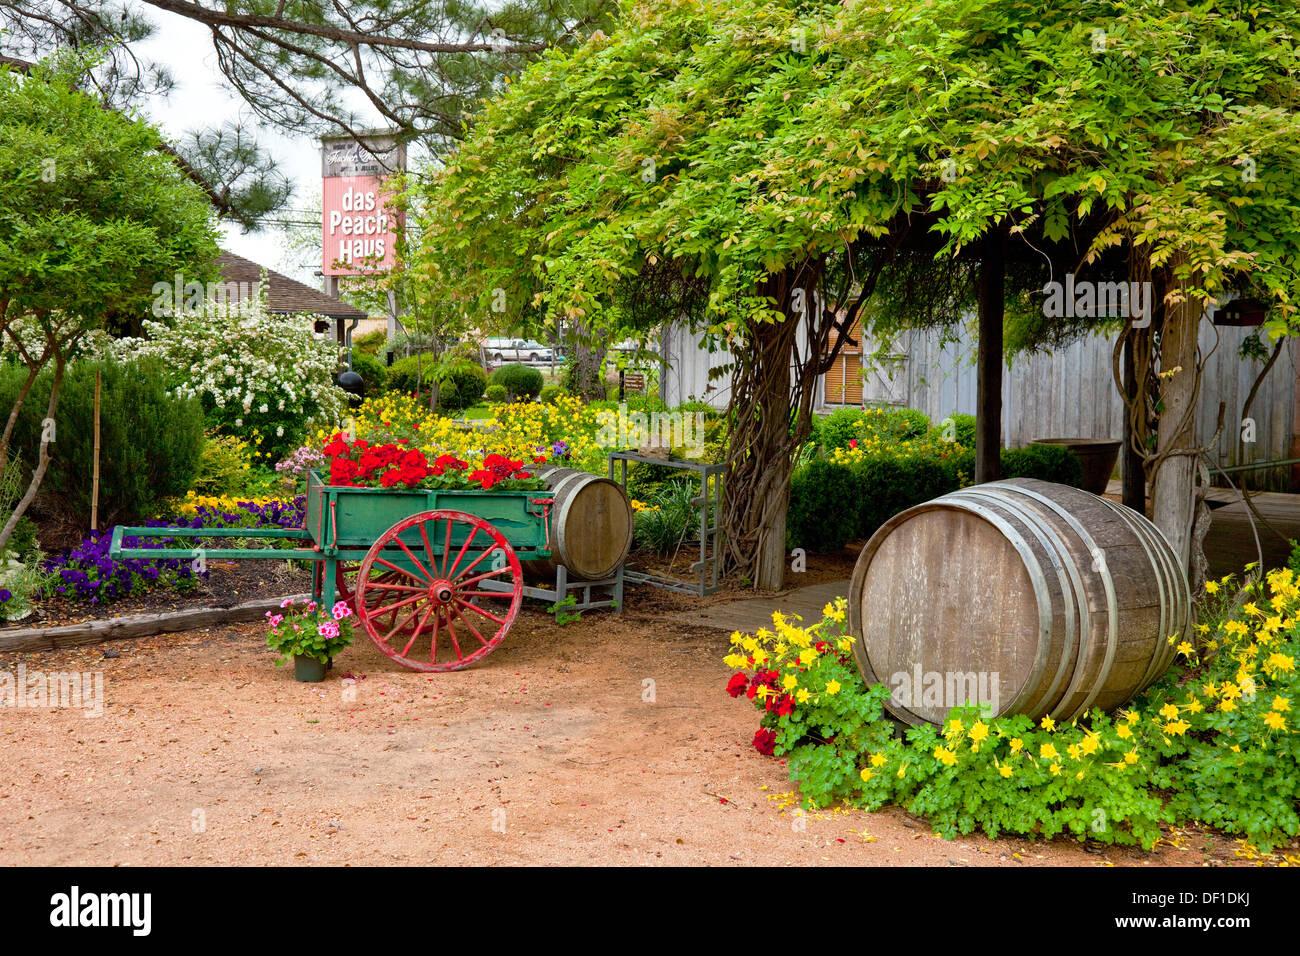 Garden decor at the Peach Haus in Fredericksburg, Texas, USA Stock